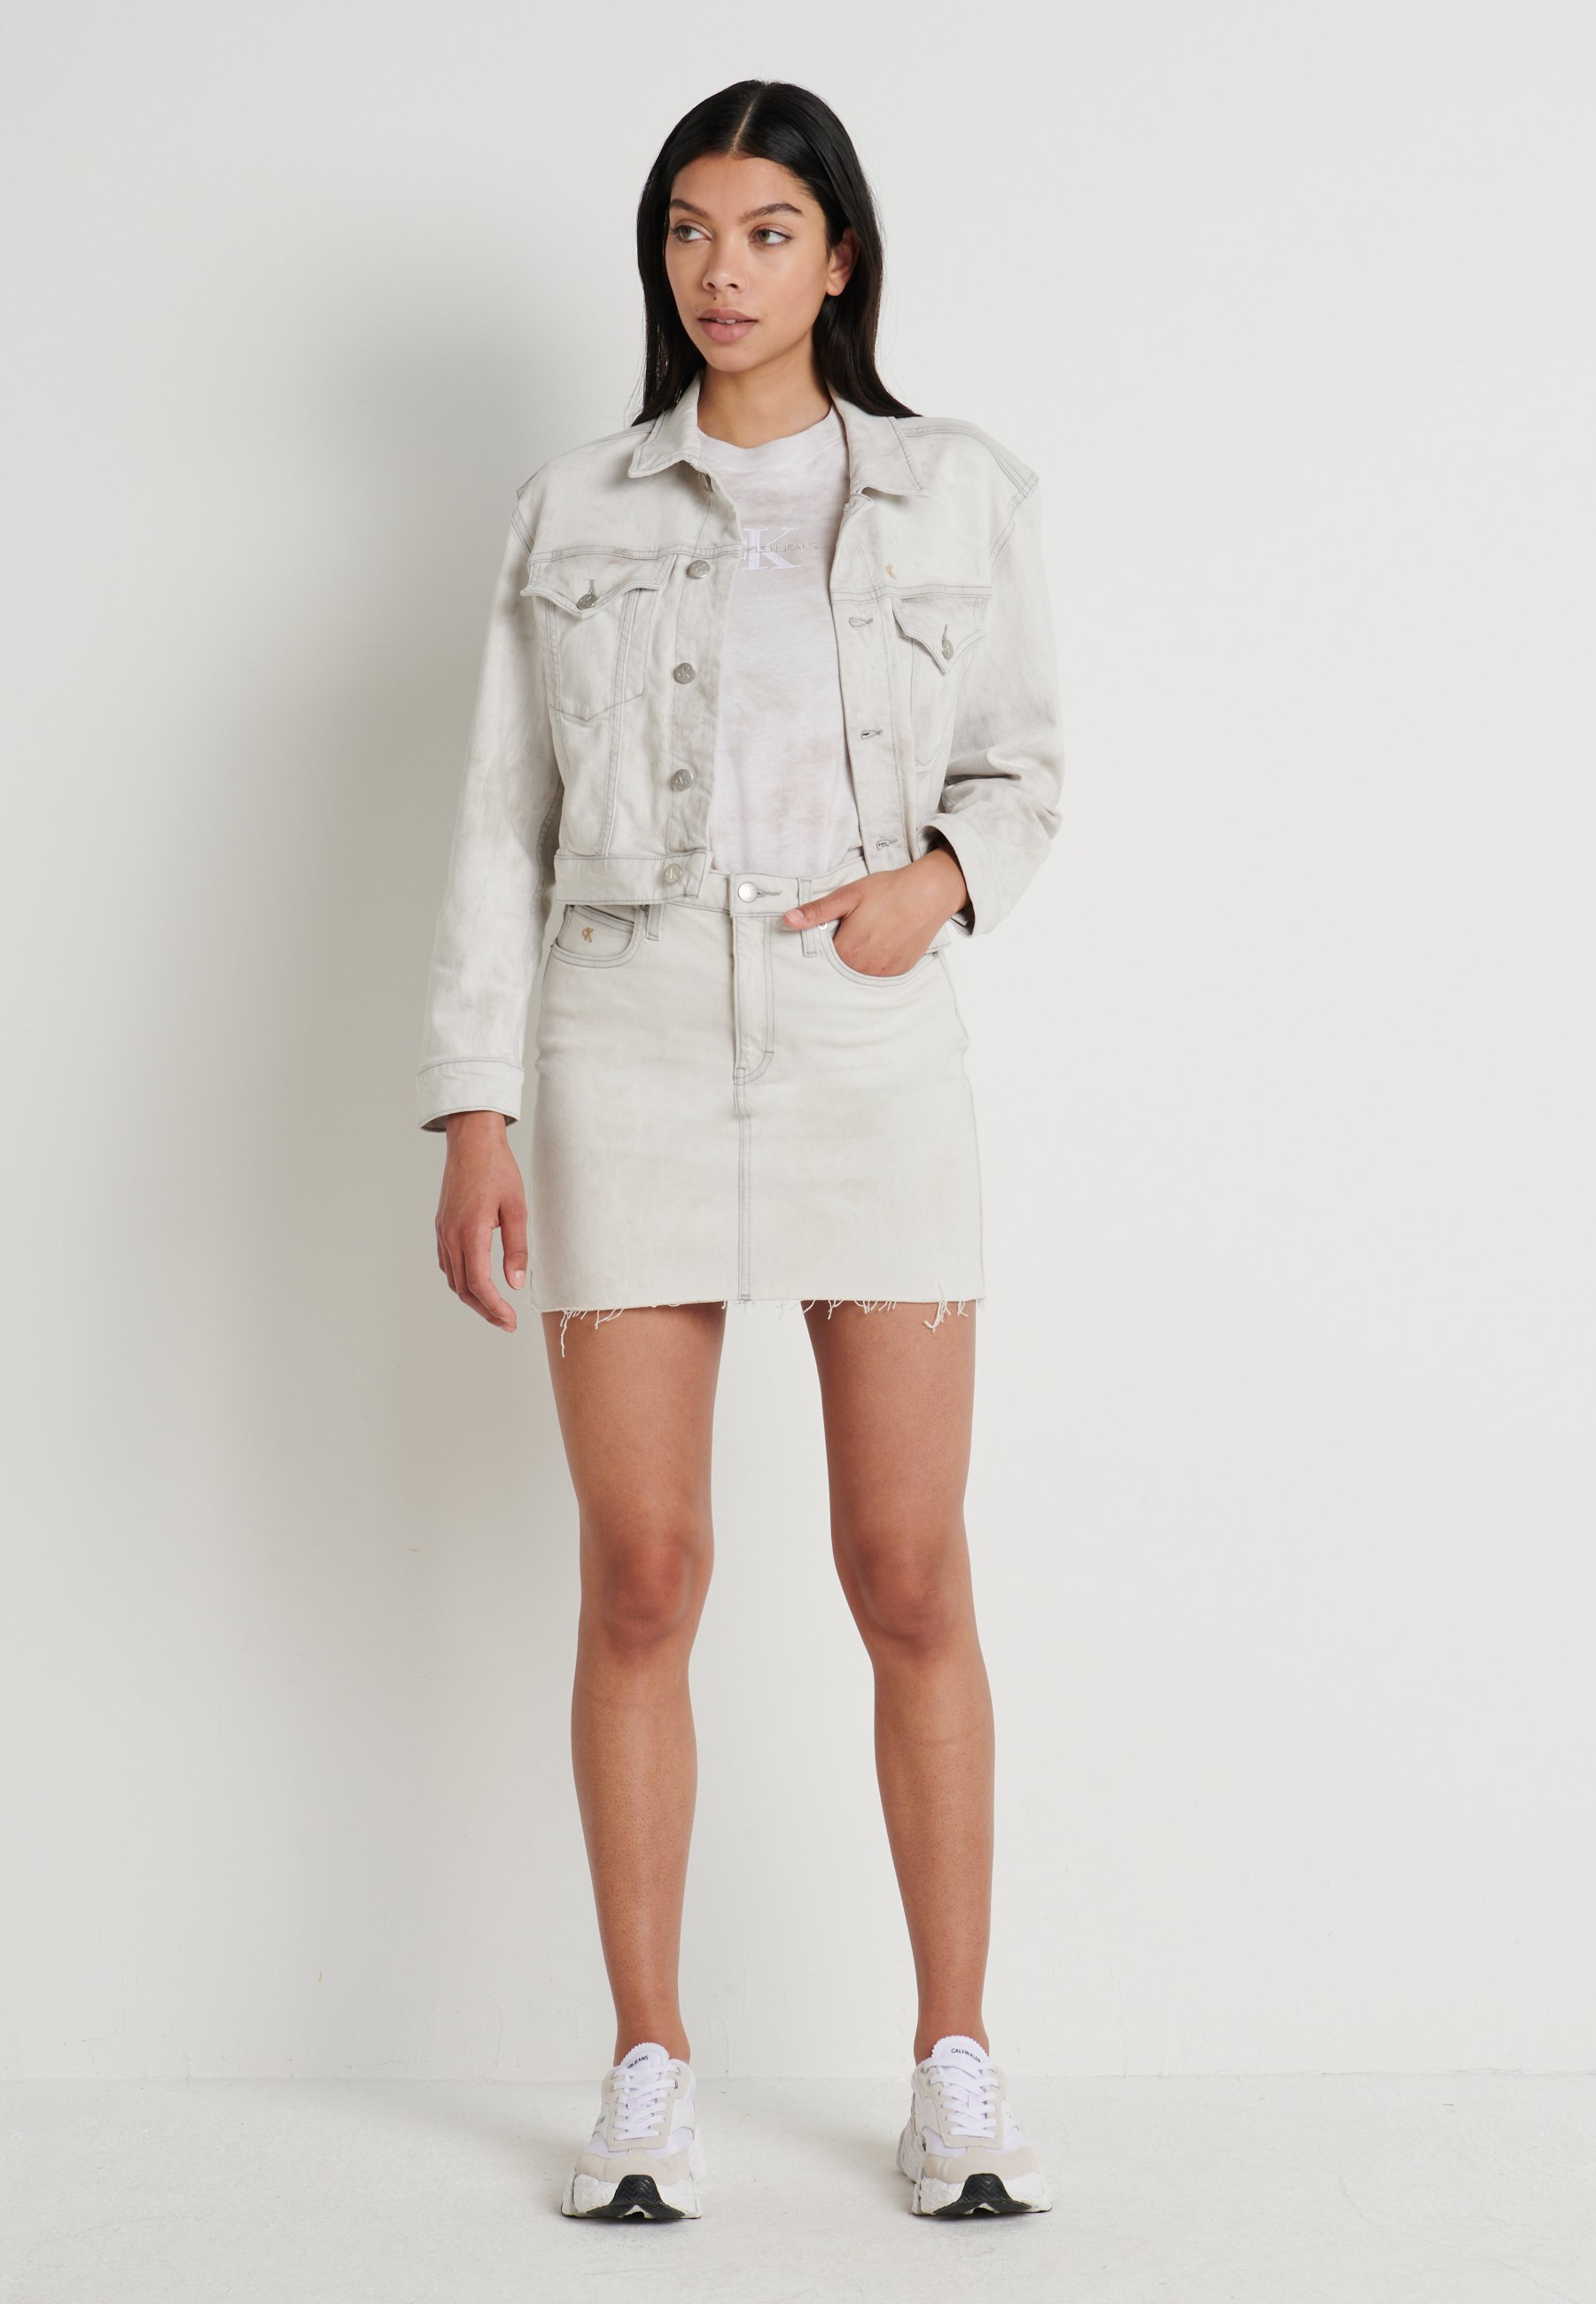 Calvin Klein Jeans Cropped Foundation Trucker - Denim Jacket Bleach Grey